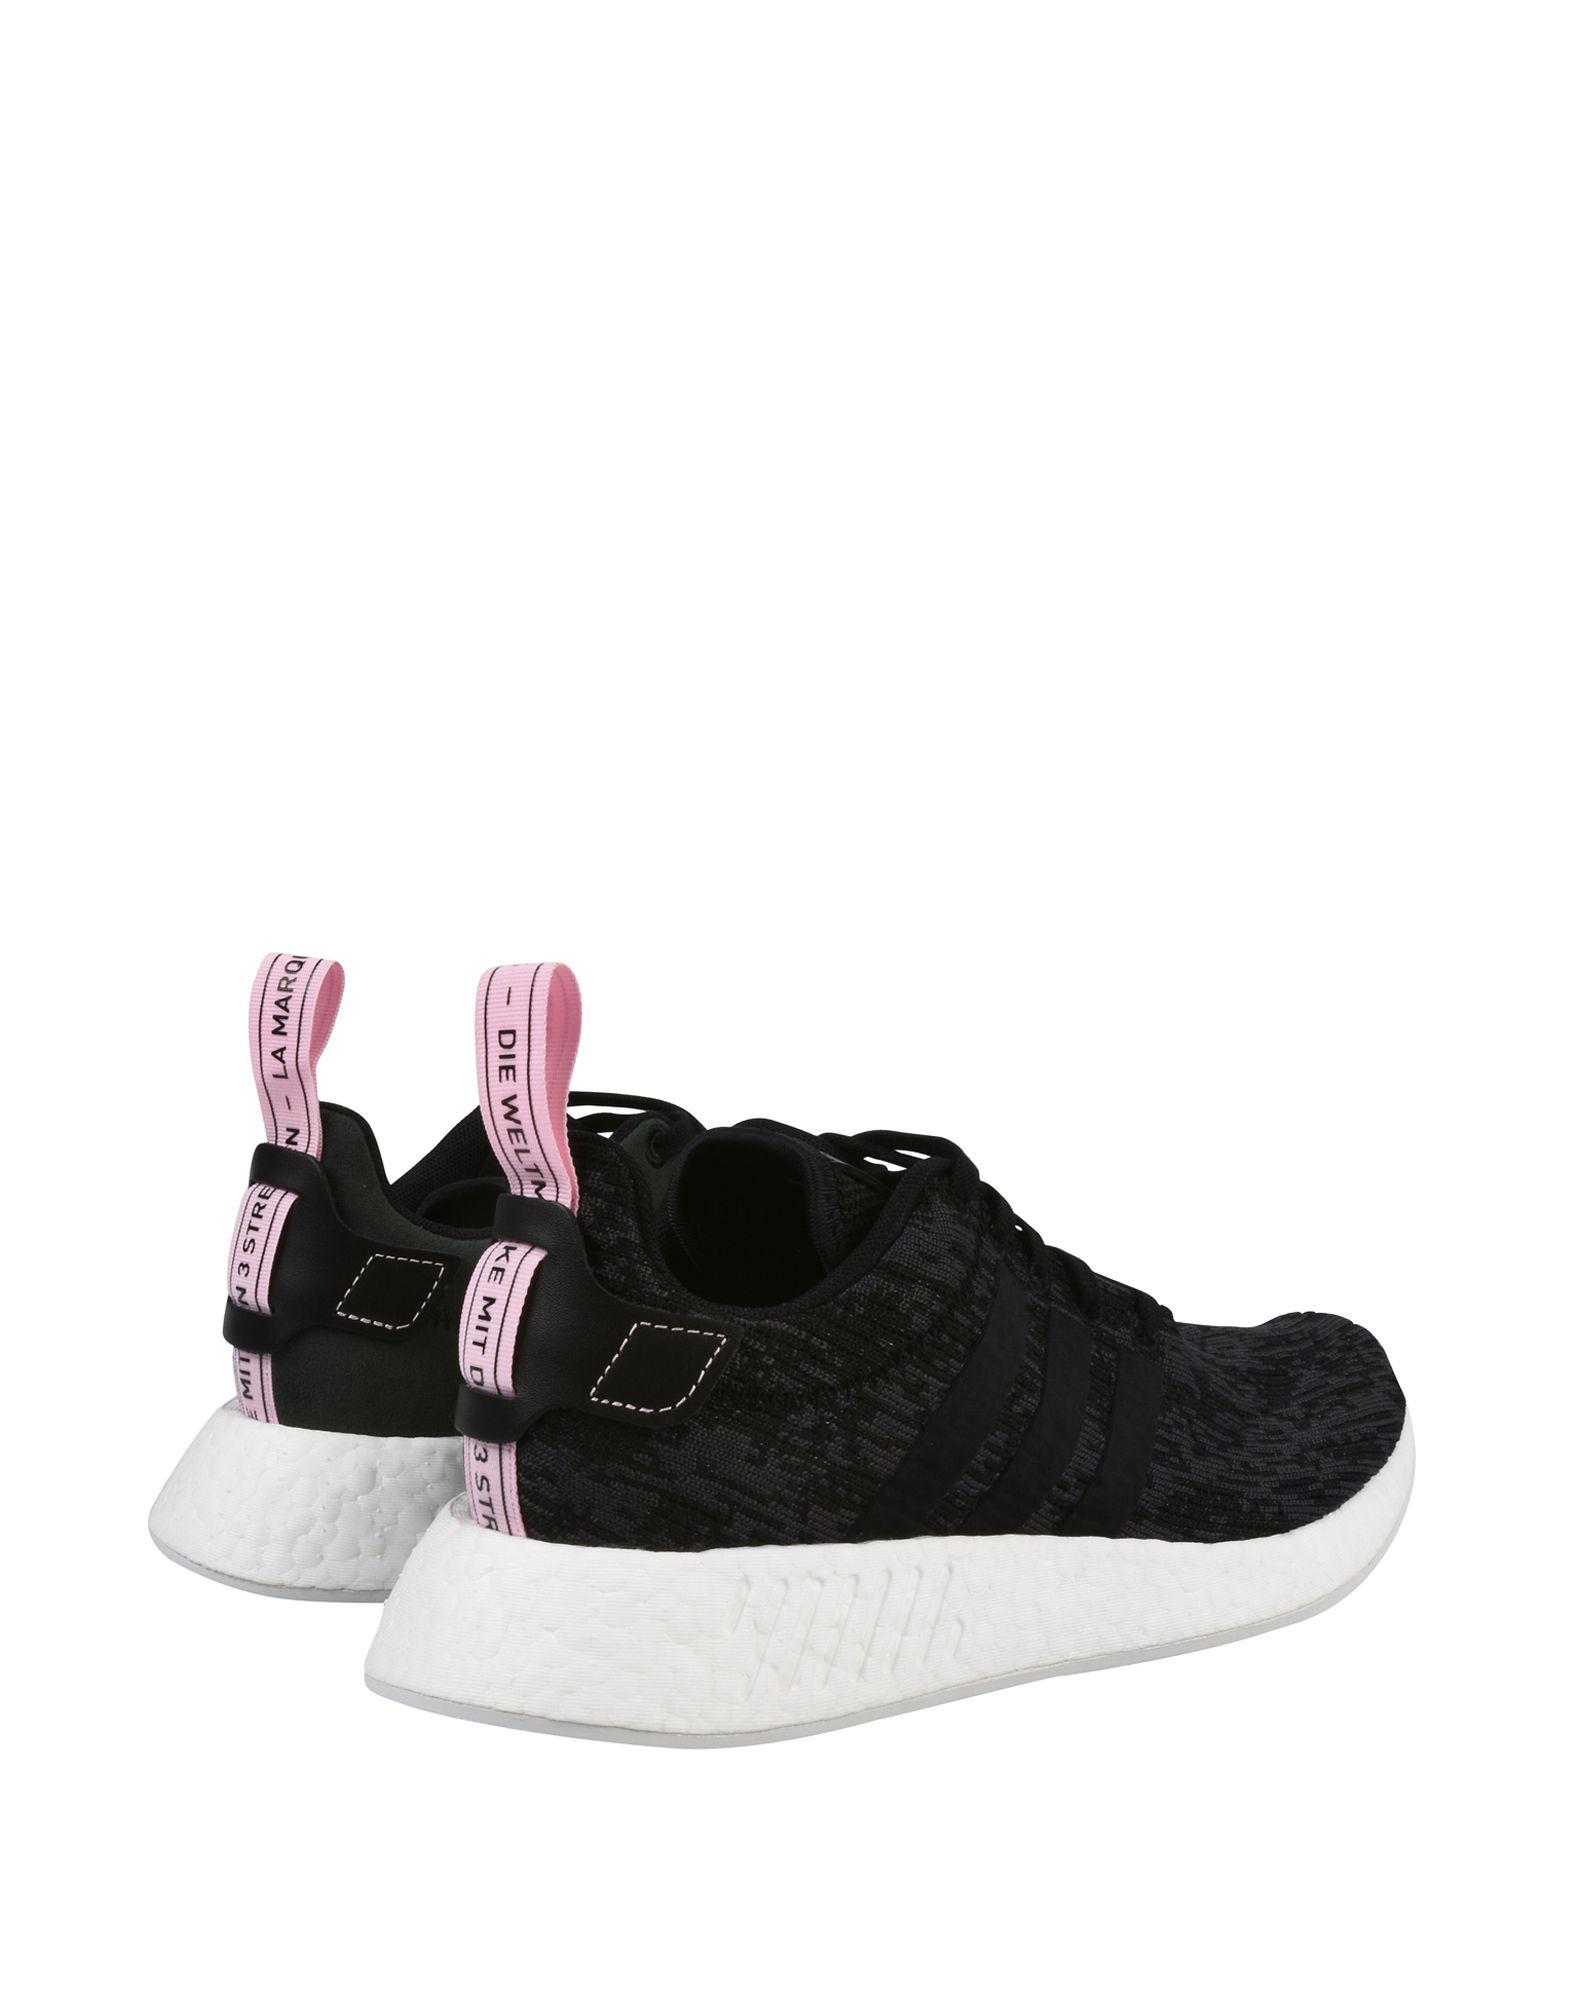 Stilvolle Nmd_R2 billige Schuhe Adidas Originals Nmd_R2 Stilvolle W  11307922SA 7650e7